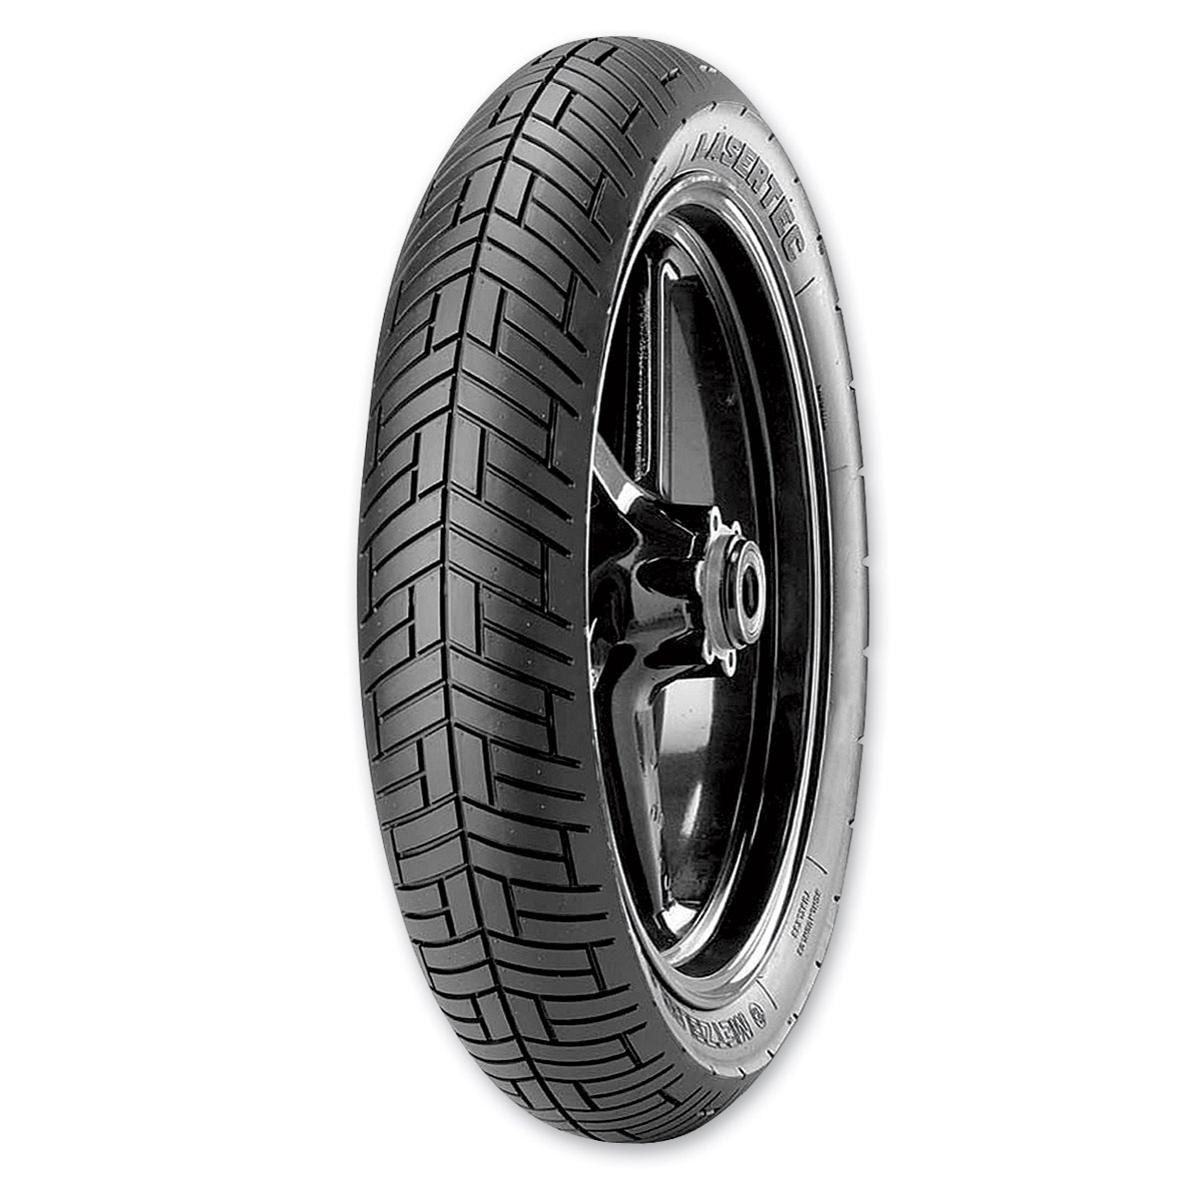 Metzeler Lasertec 100/90-19 Front Tire